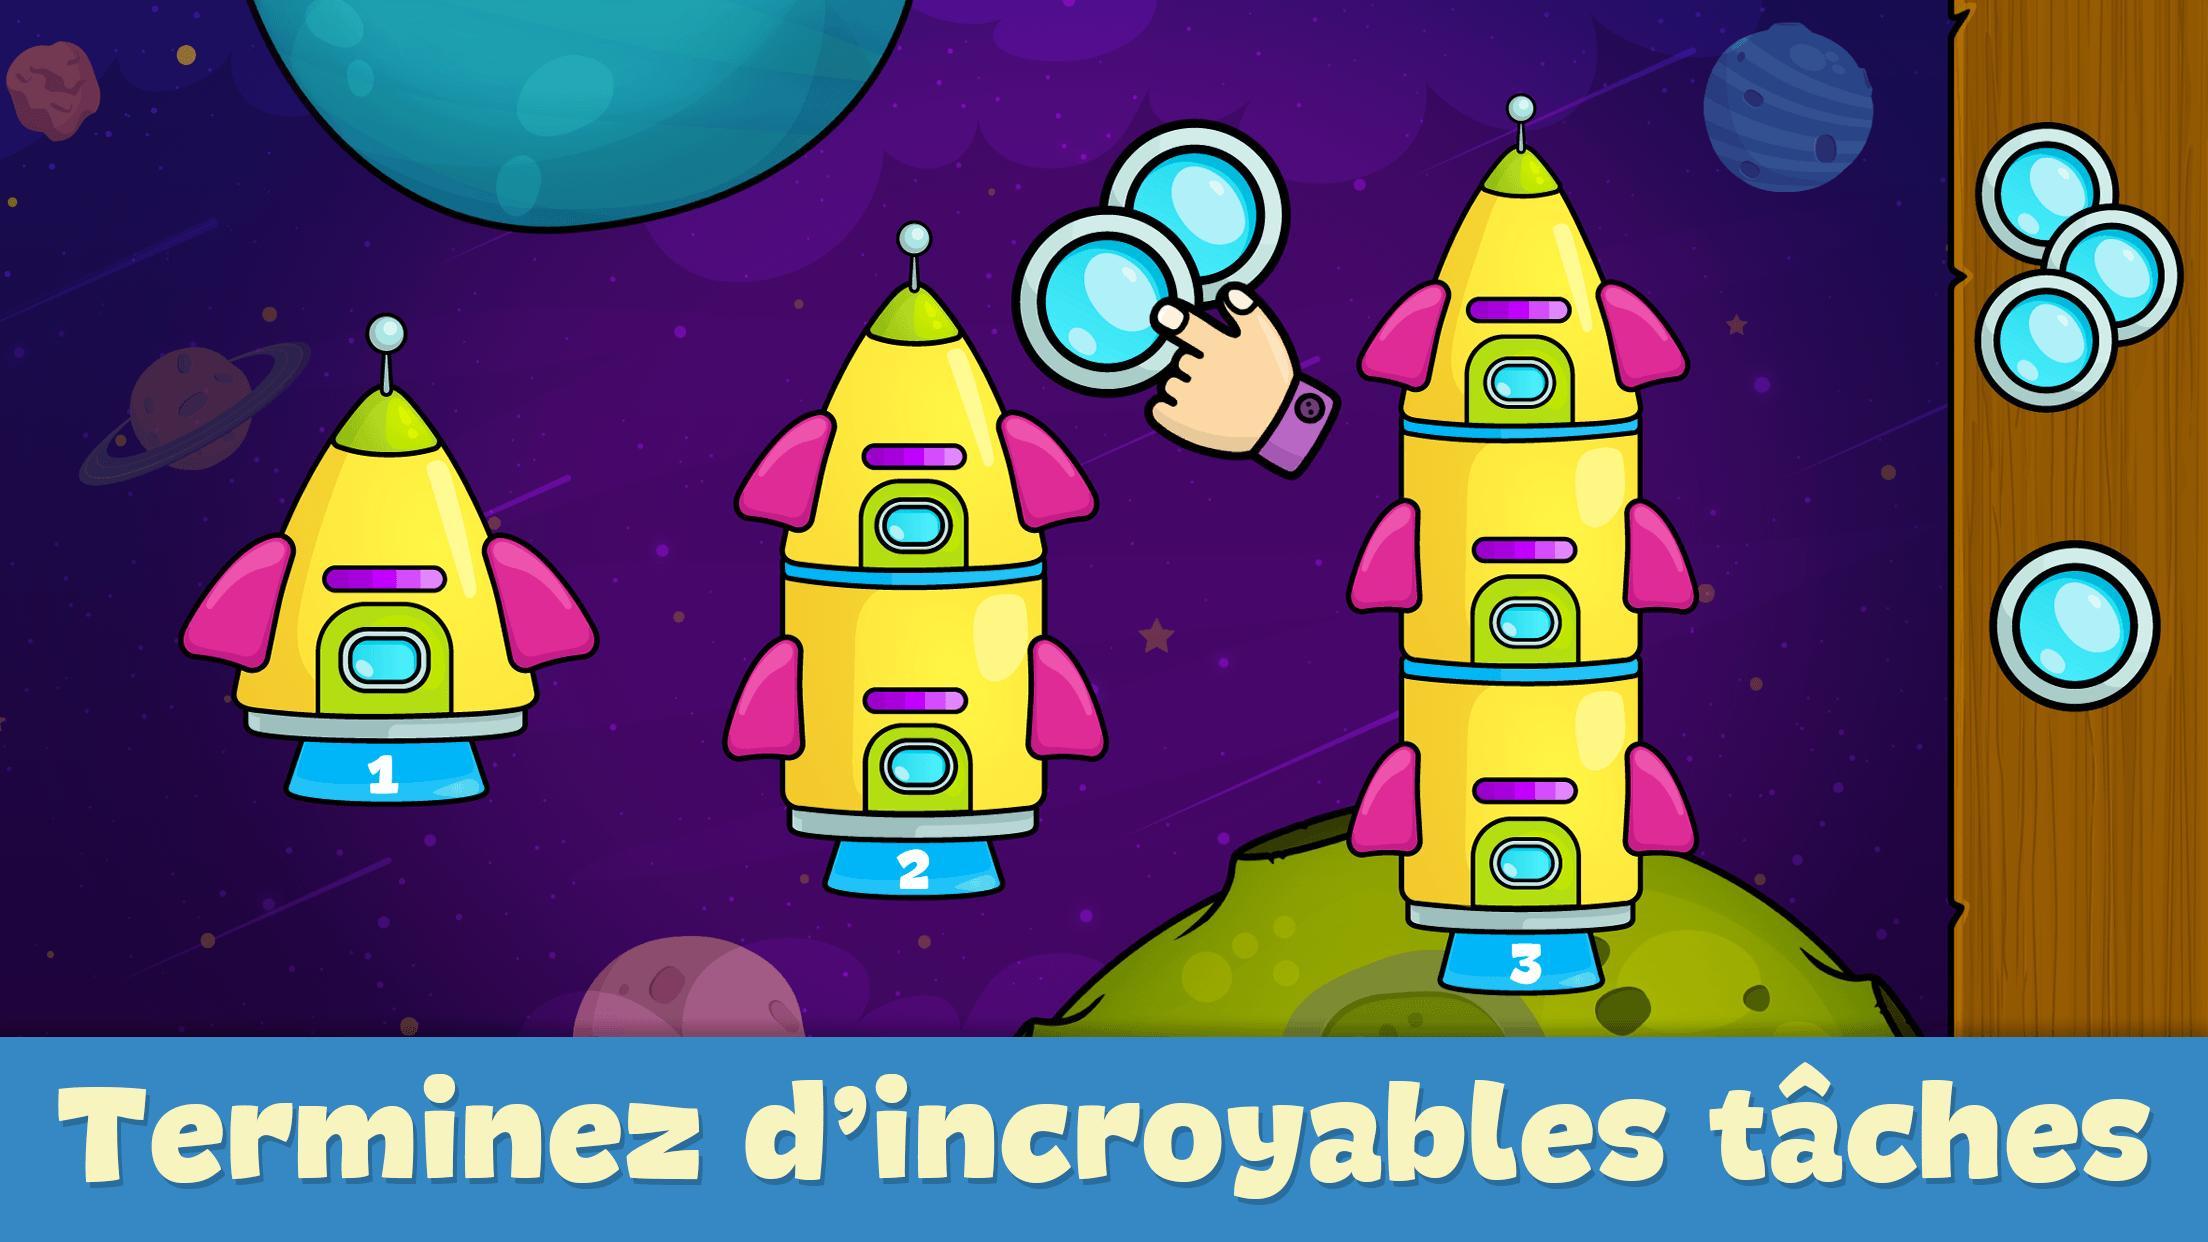 Jeux Pour Enfants 2 - 5 Ans Pour Android - Téléchargez L'apk tout Jeux Gratuit Enfant 3 Ans